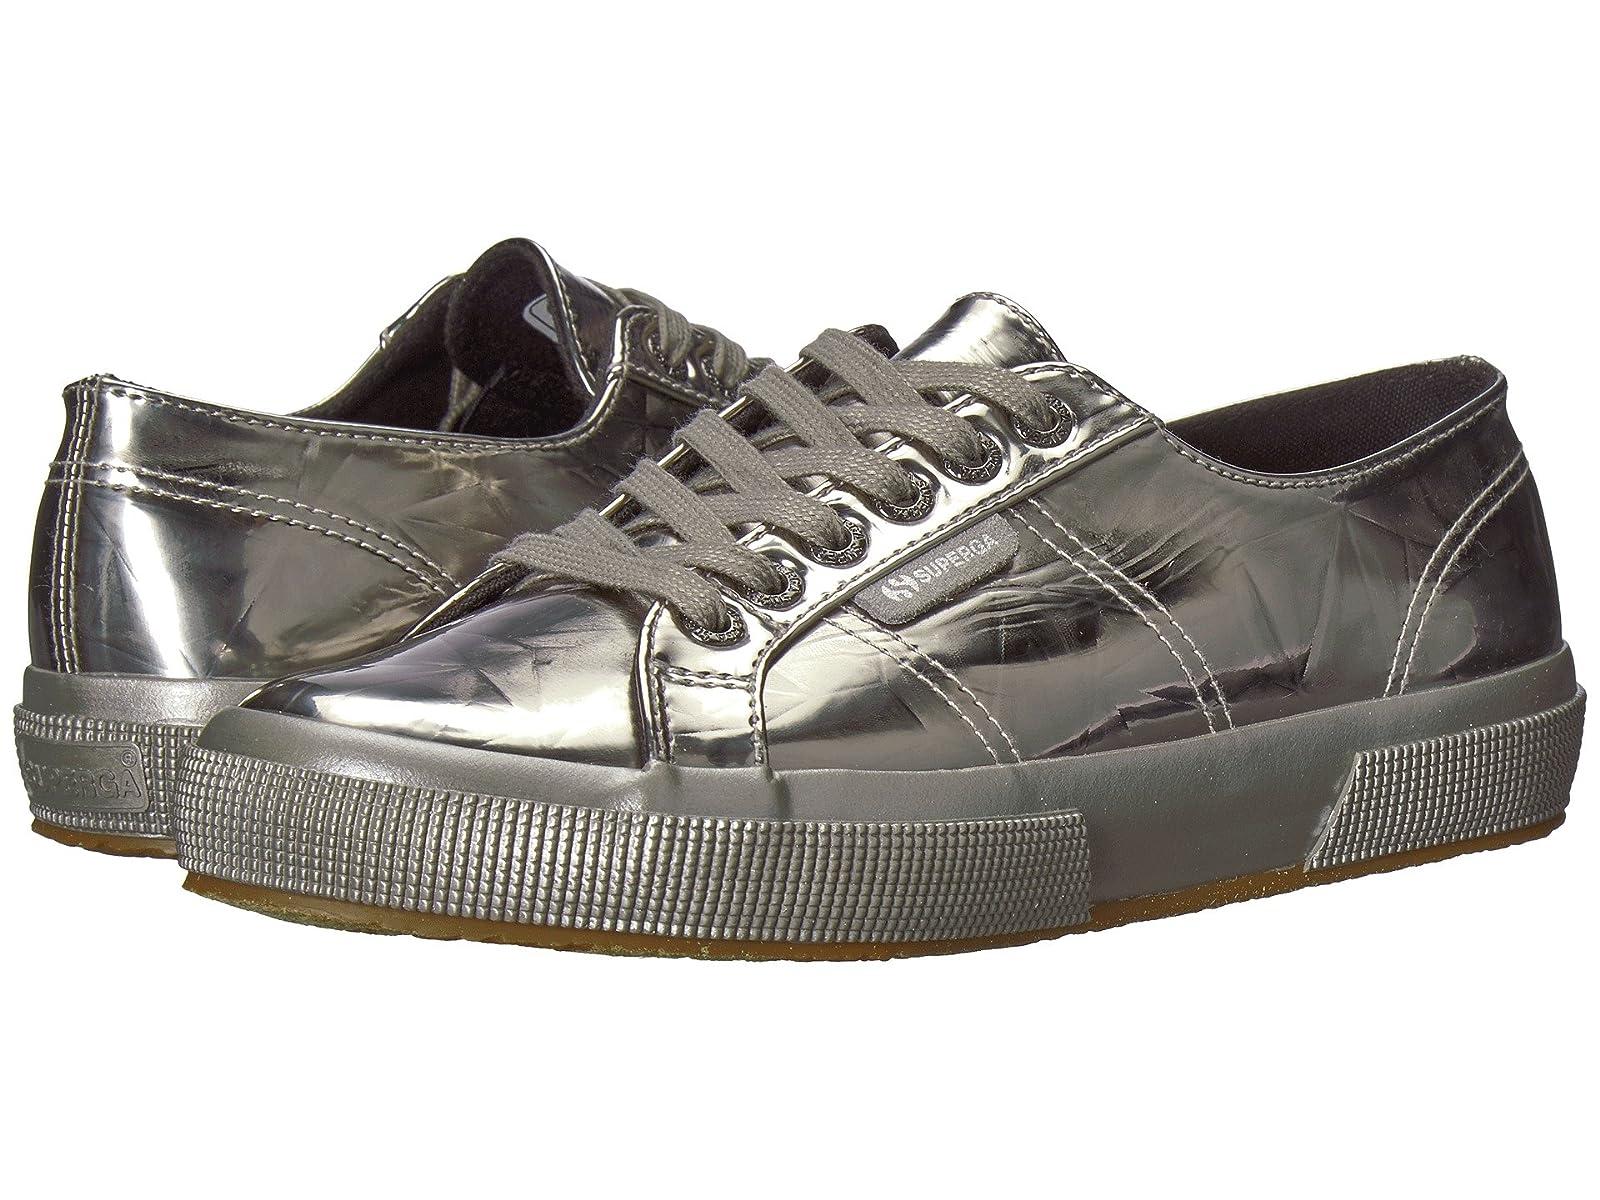 Superga 2750 Synleadiamondmirrorw SneakerCheap and distinctive eye-catching shoes